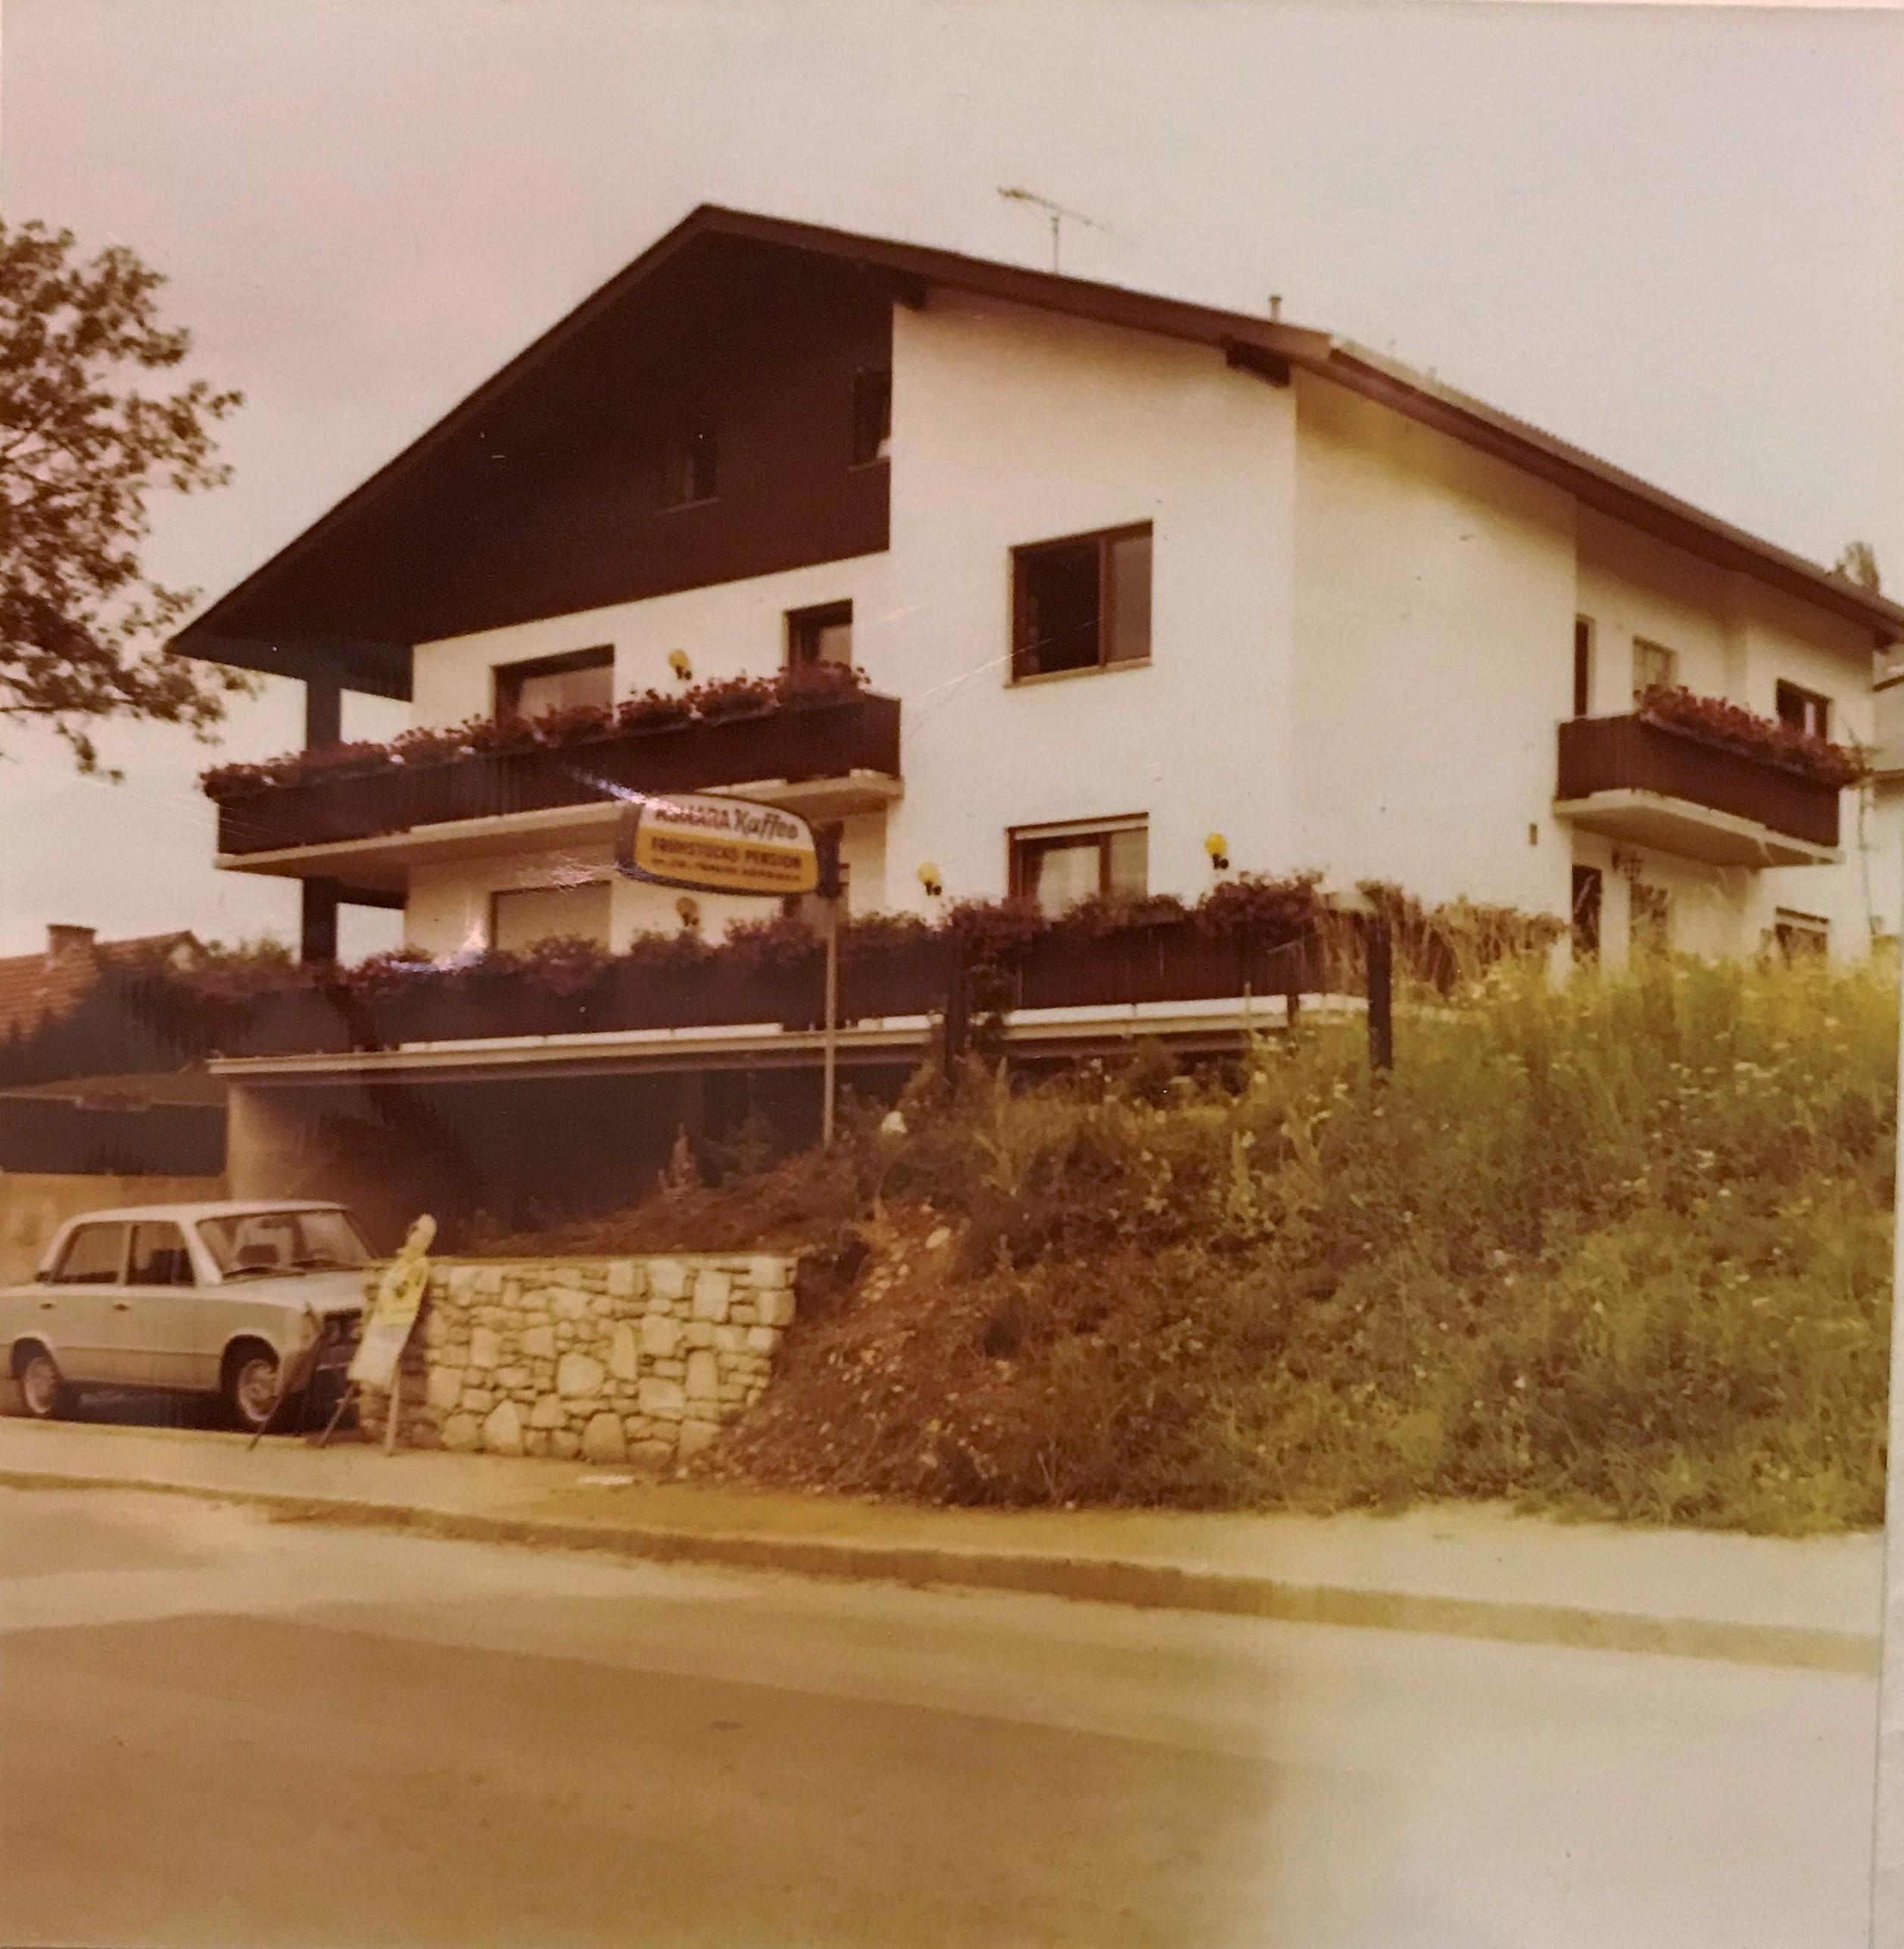 Pension Traude im Jahr 1973